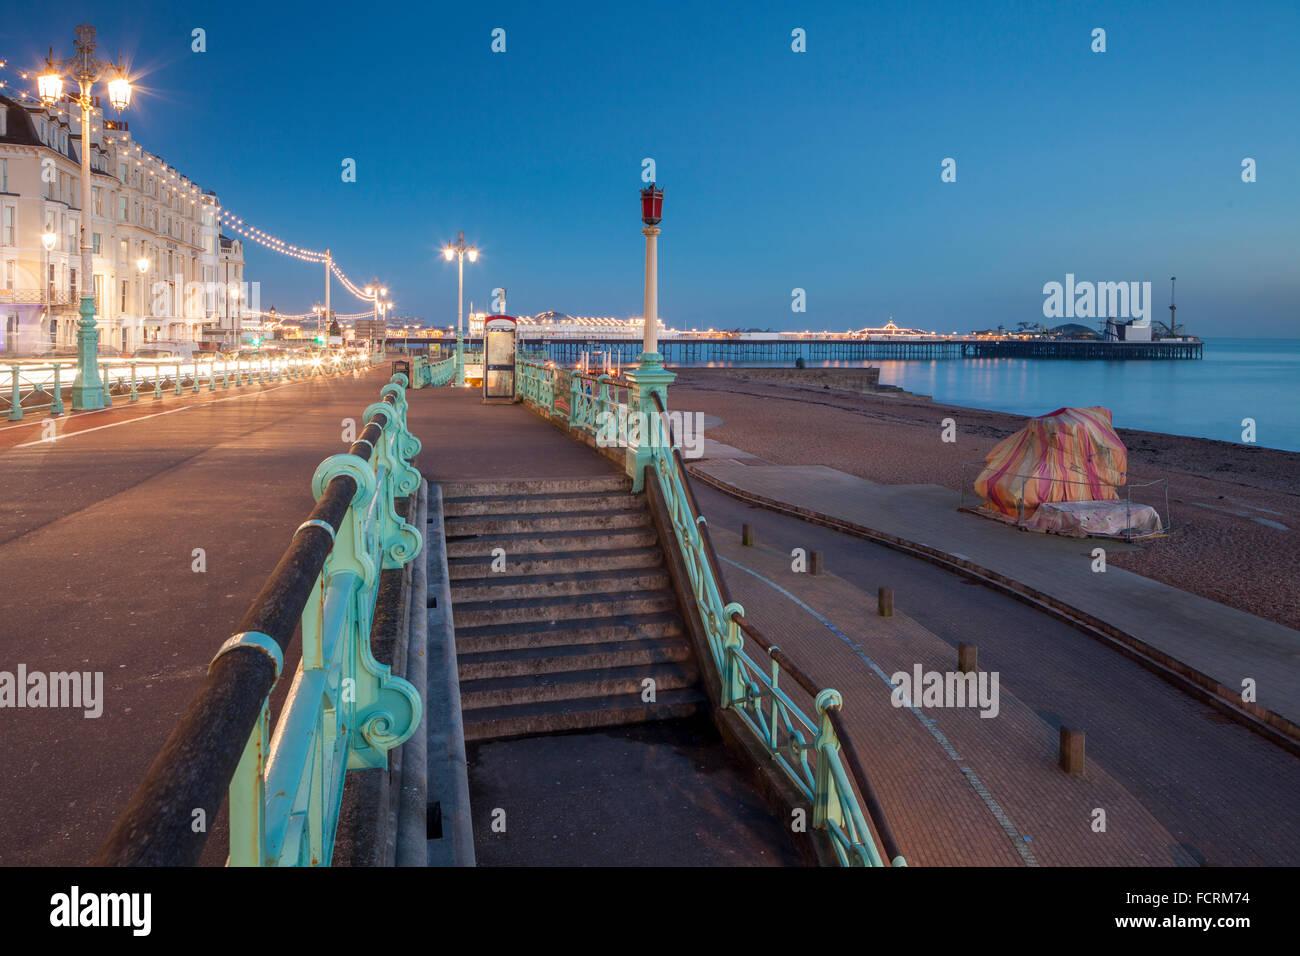 Soirée d'hiver sur le front de mer de Brighton, East Sussex, Angleterre. Photo Stock